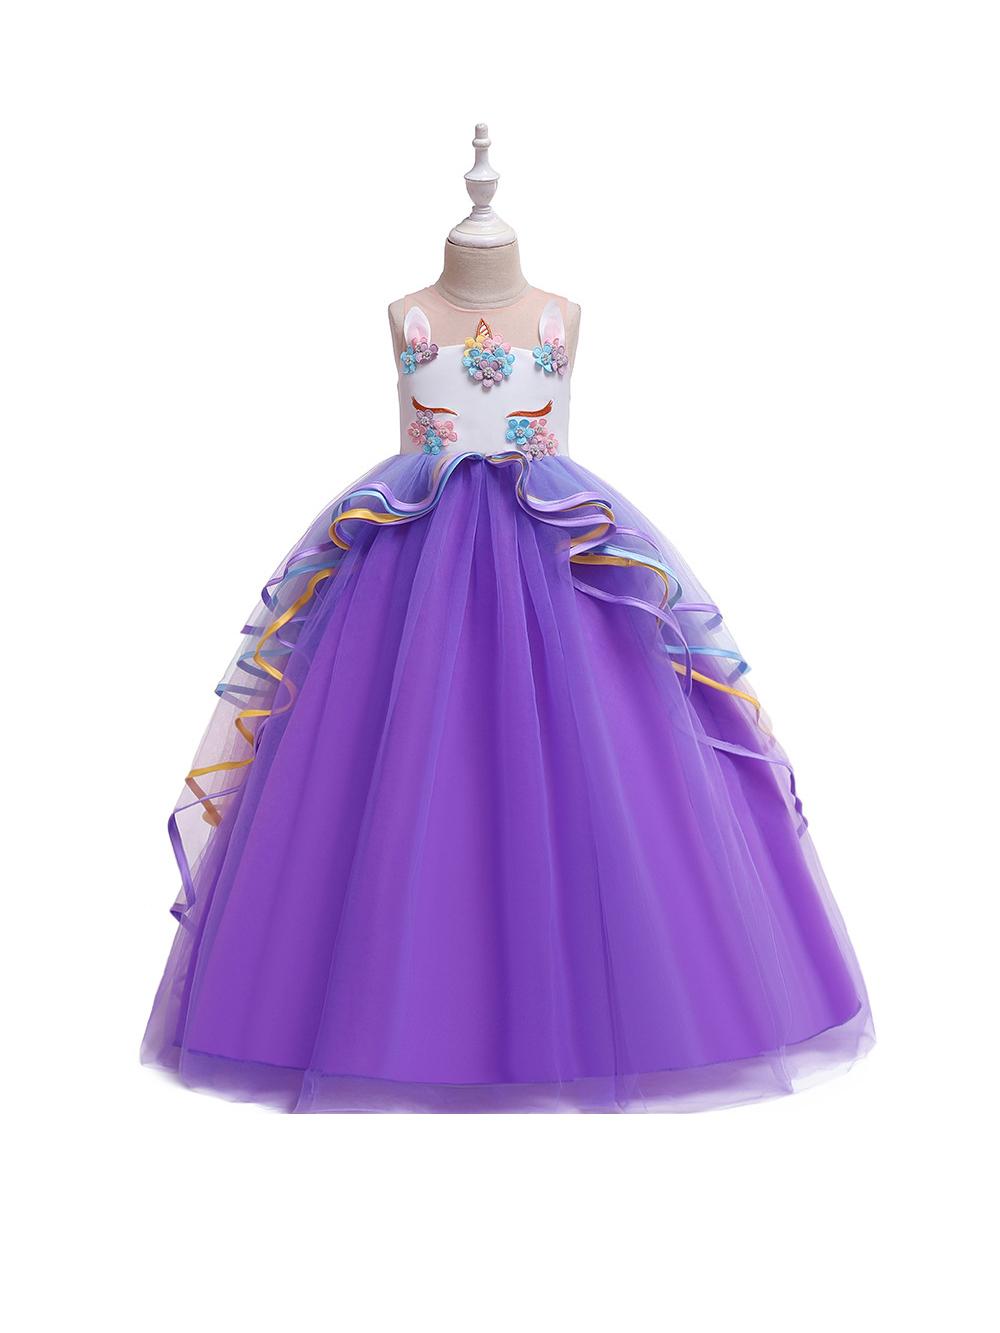 Applique Gauze Girls Princess Dress